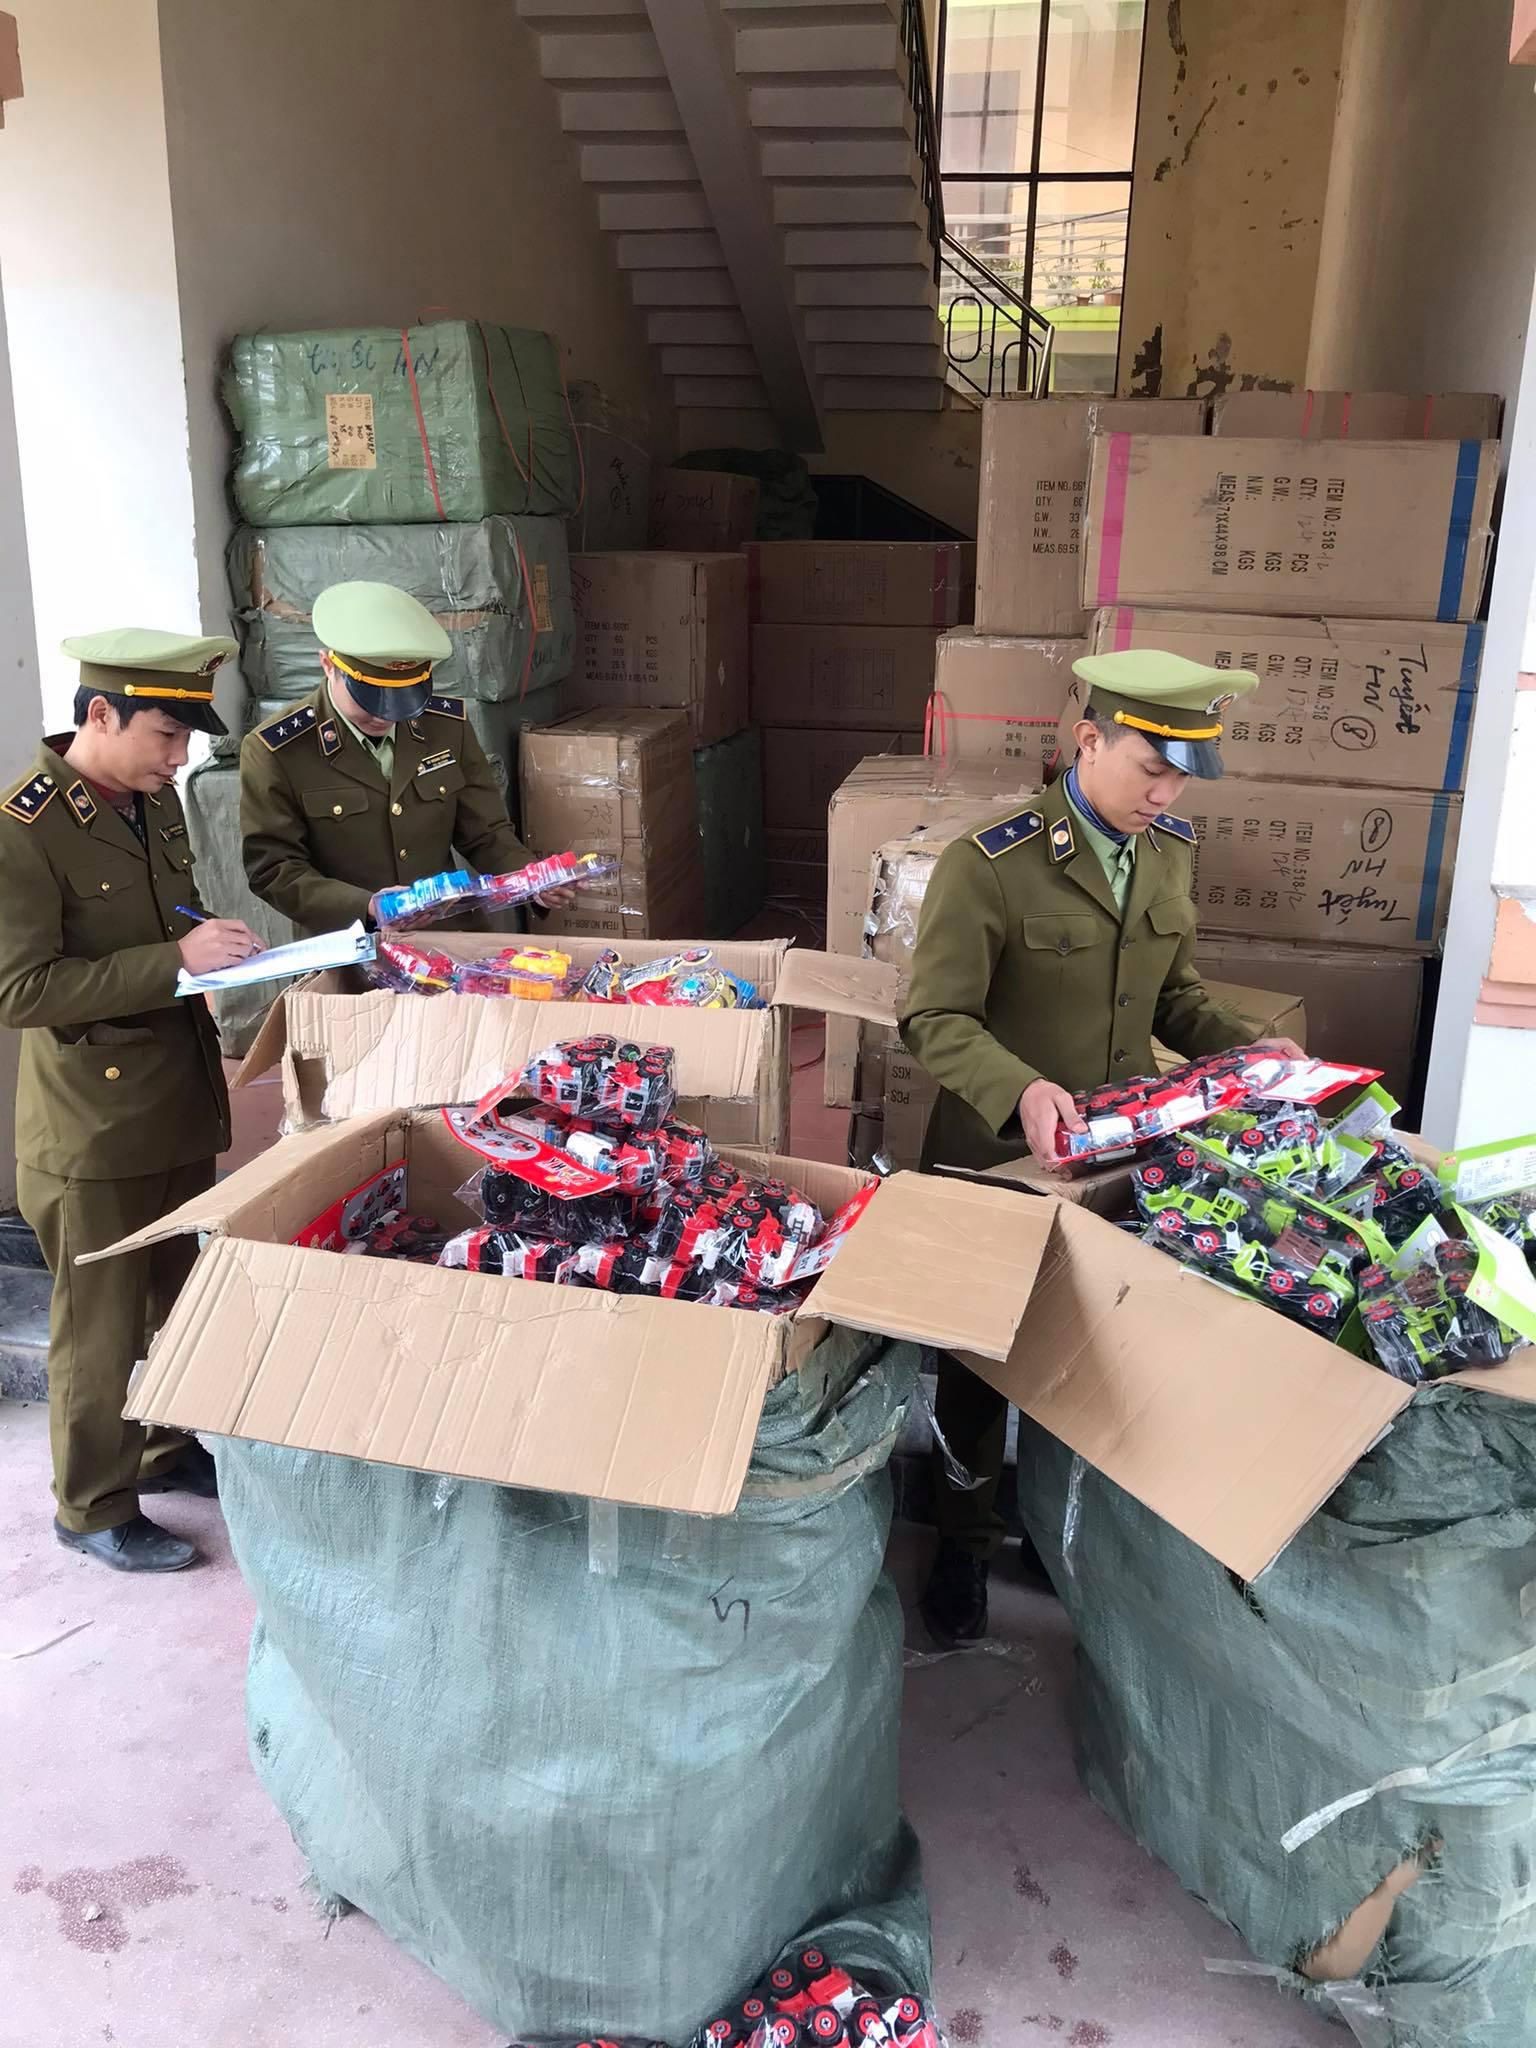 Quản lý thị trường Quảng Bình bắt giữ lô hàng giả, hàng nhập lậu có giá trị lớn